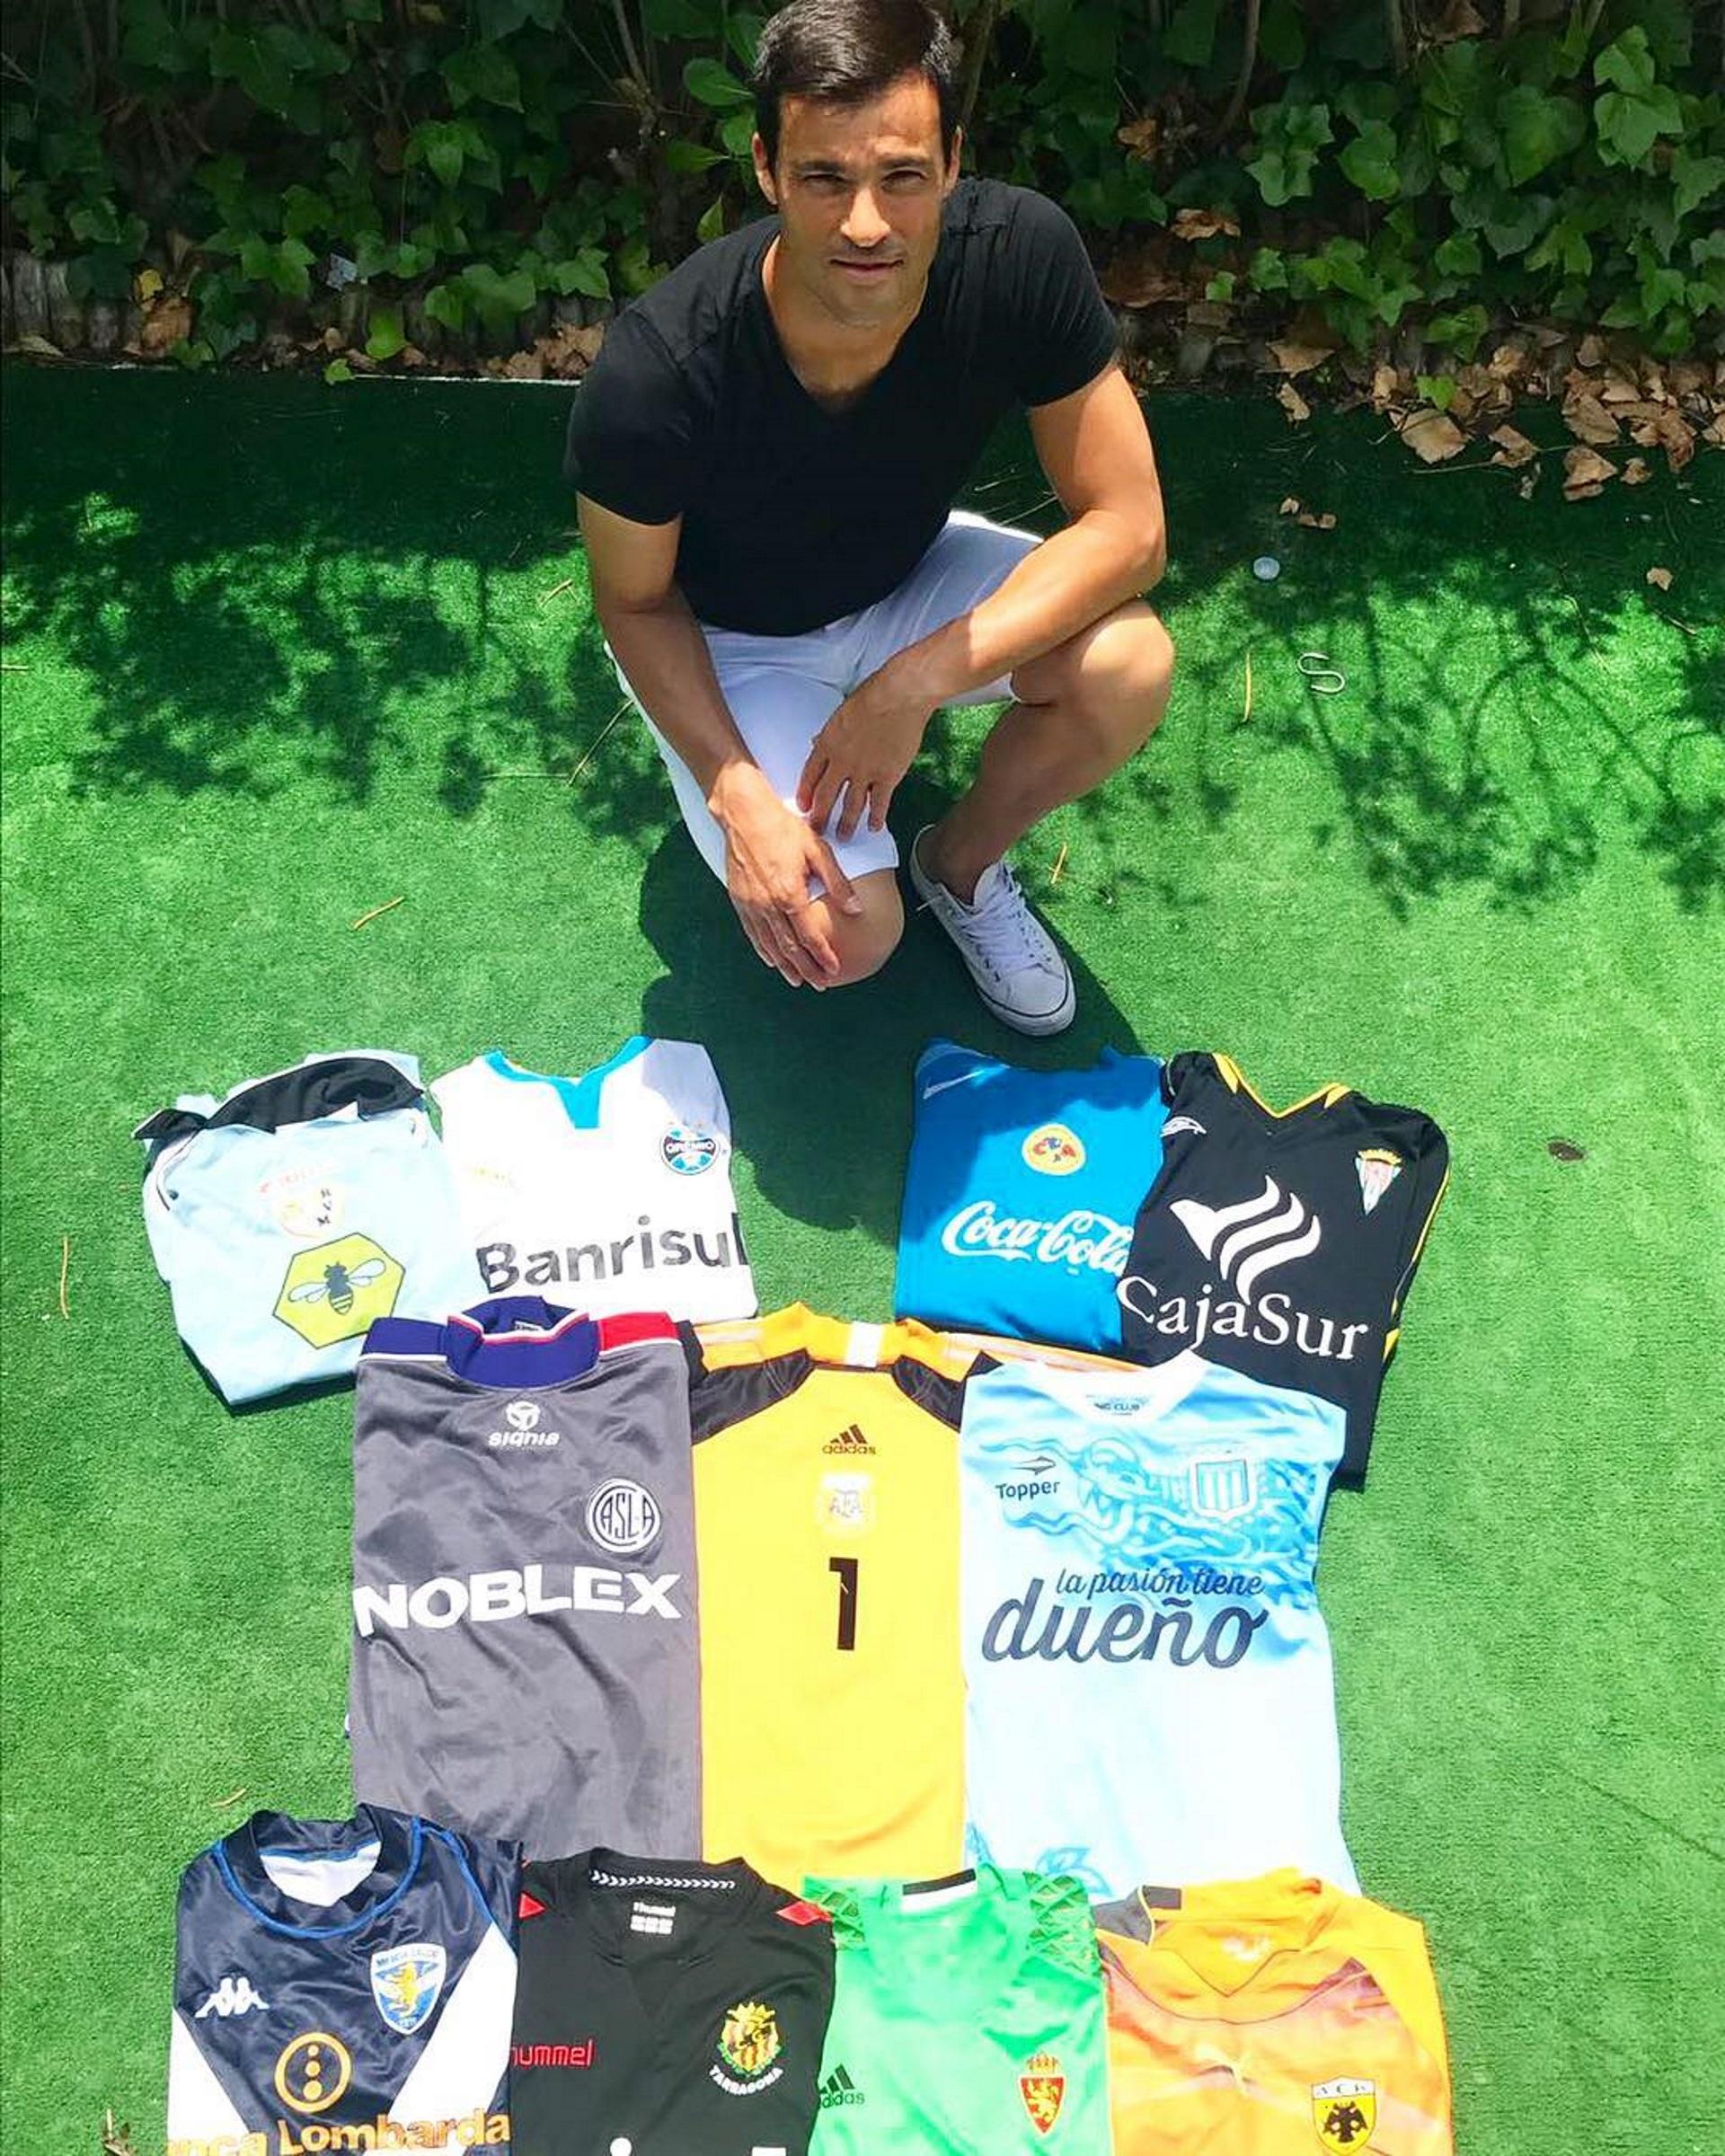 Saja compartió una imagen con las diferentes camisetas que vistió para anunciar su retiro